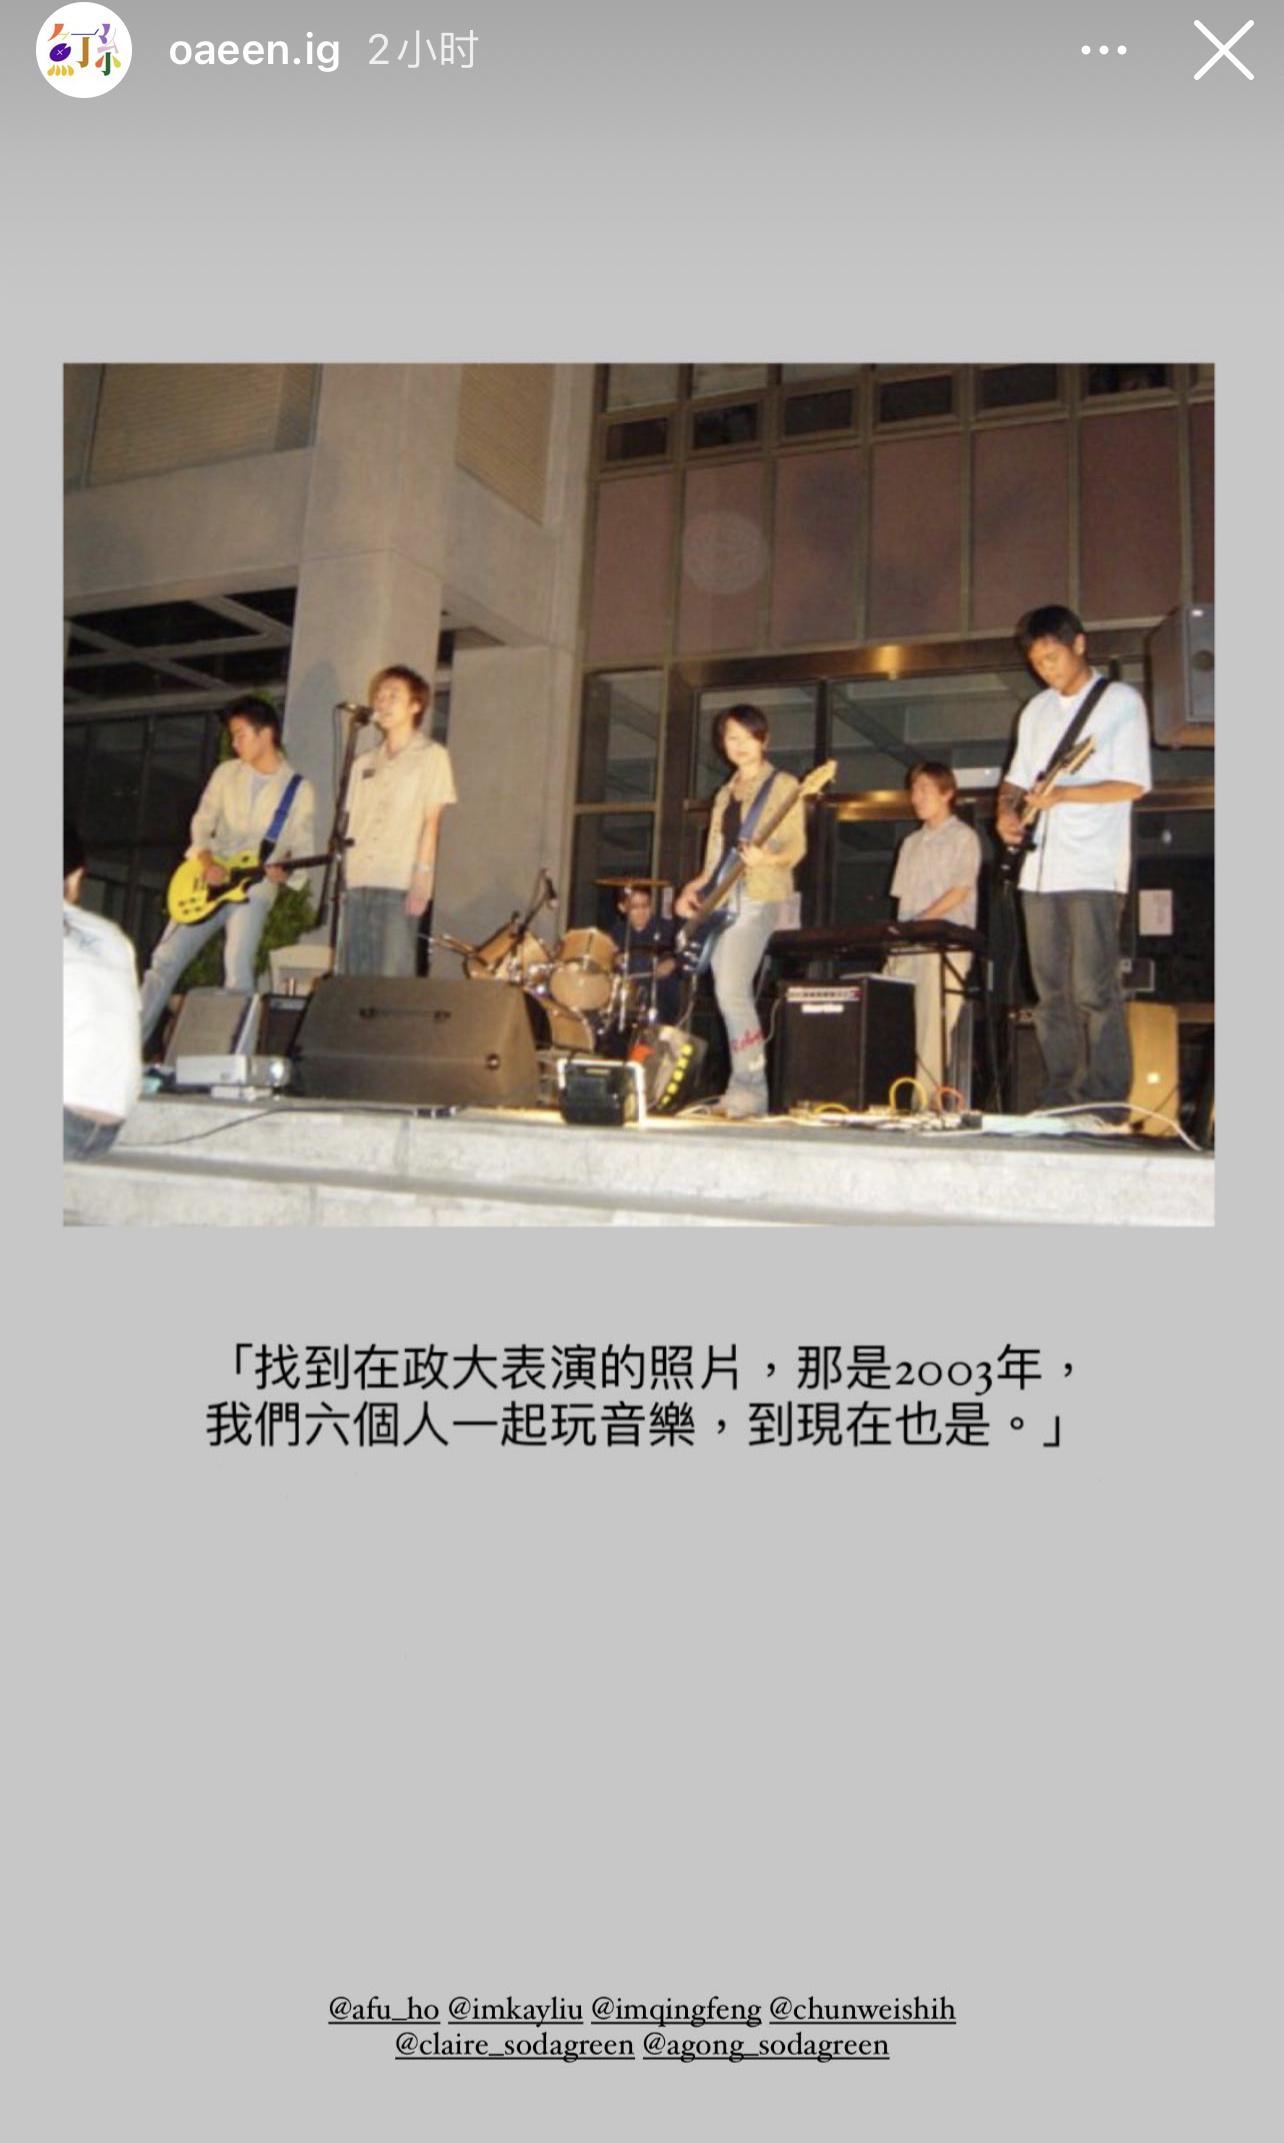 """《【杏鑫主管】""""苏打绿""""商标讨不回!乐队已改名""""鱼丁糸""""》"""